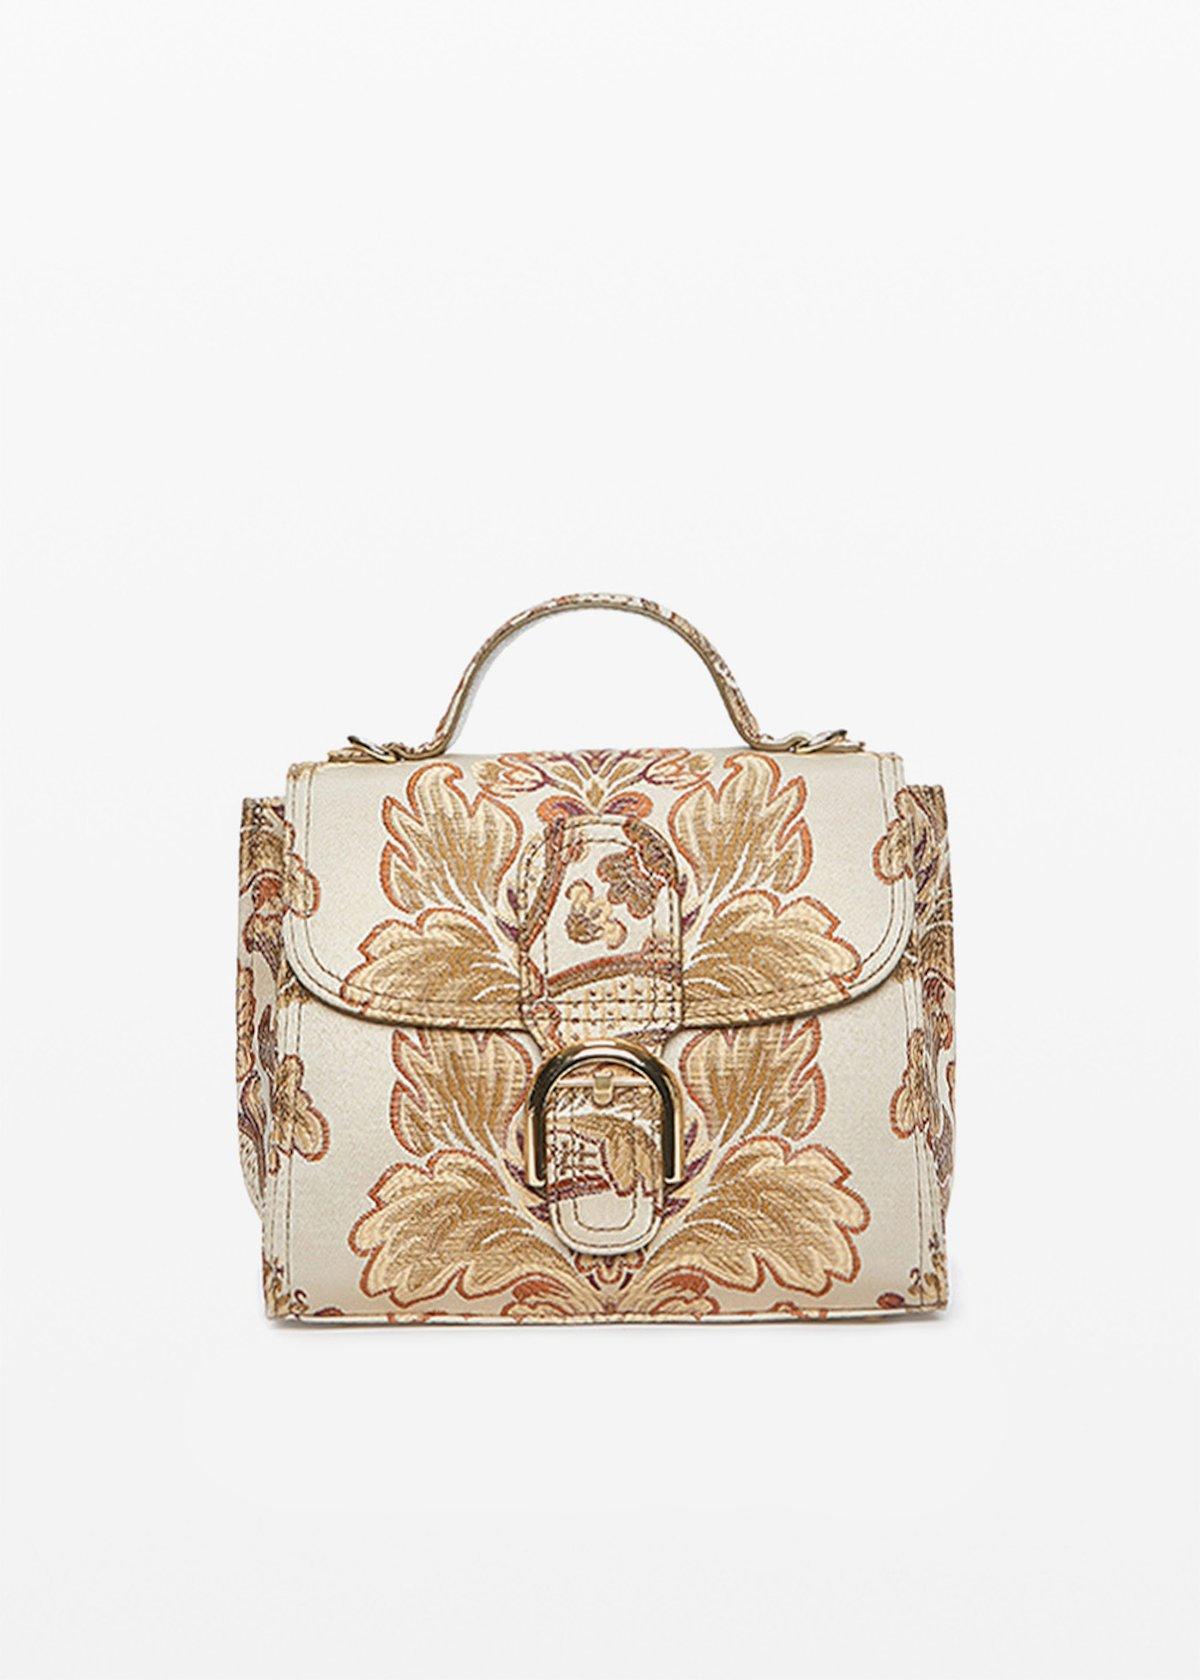 Shoulder bag Birgit con tracolla removibile - Light Beige Fantasia - Donna - Immagine categoria